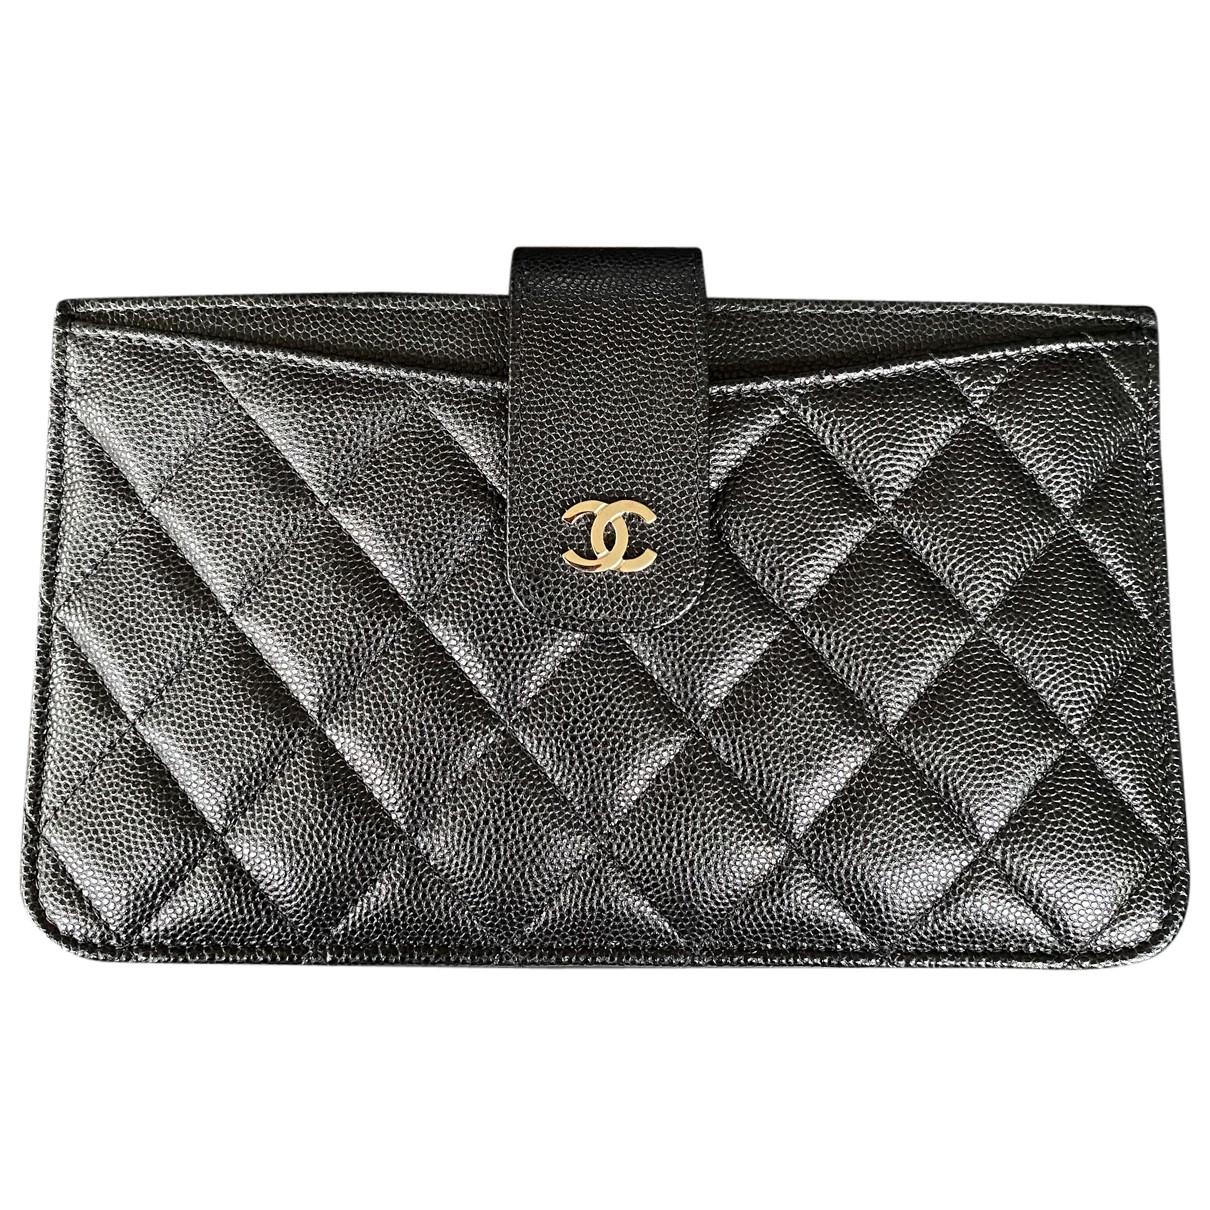 Chanel - Portefeuille Gabrielle pour femme en cuir - noir